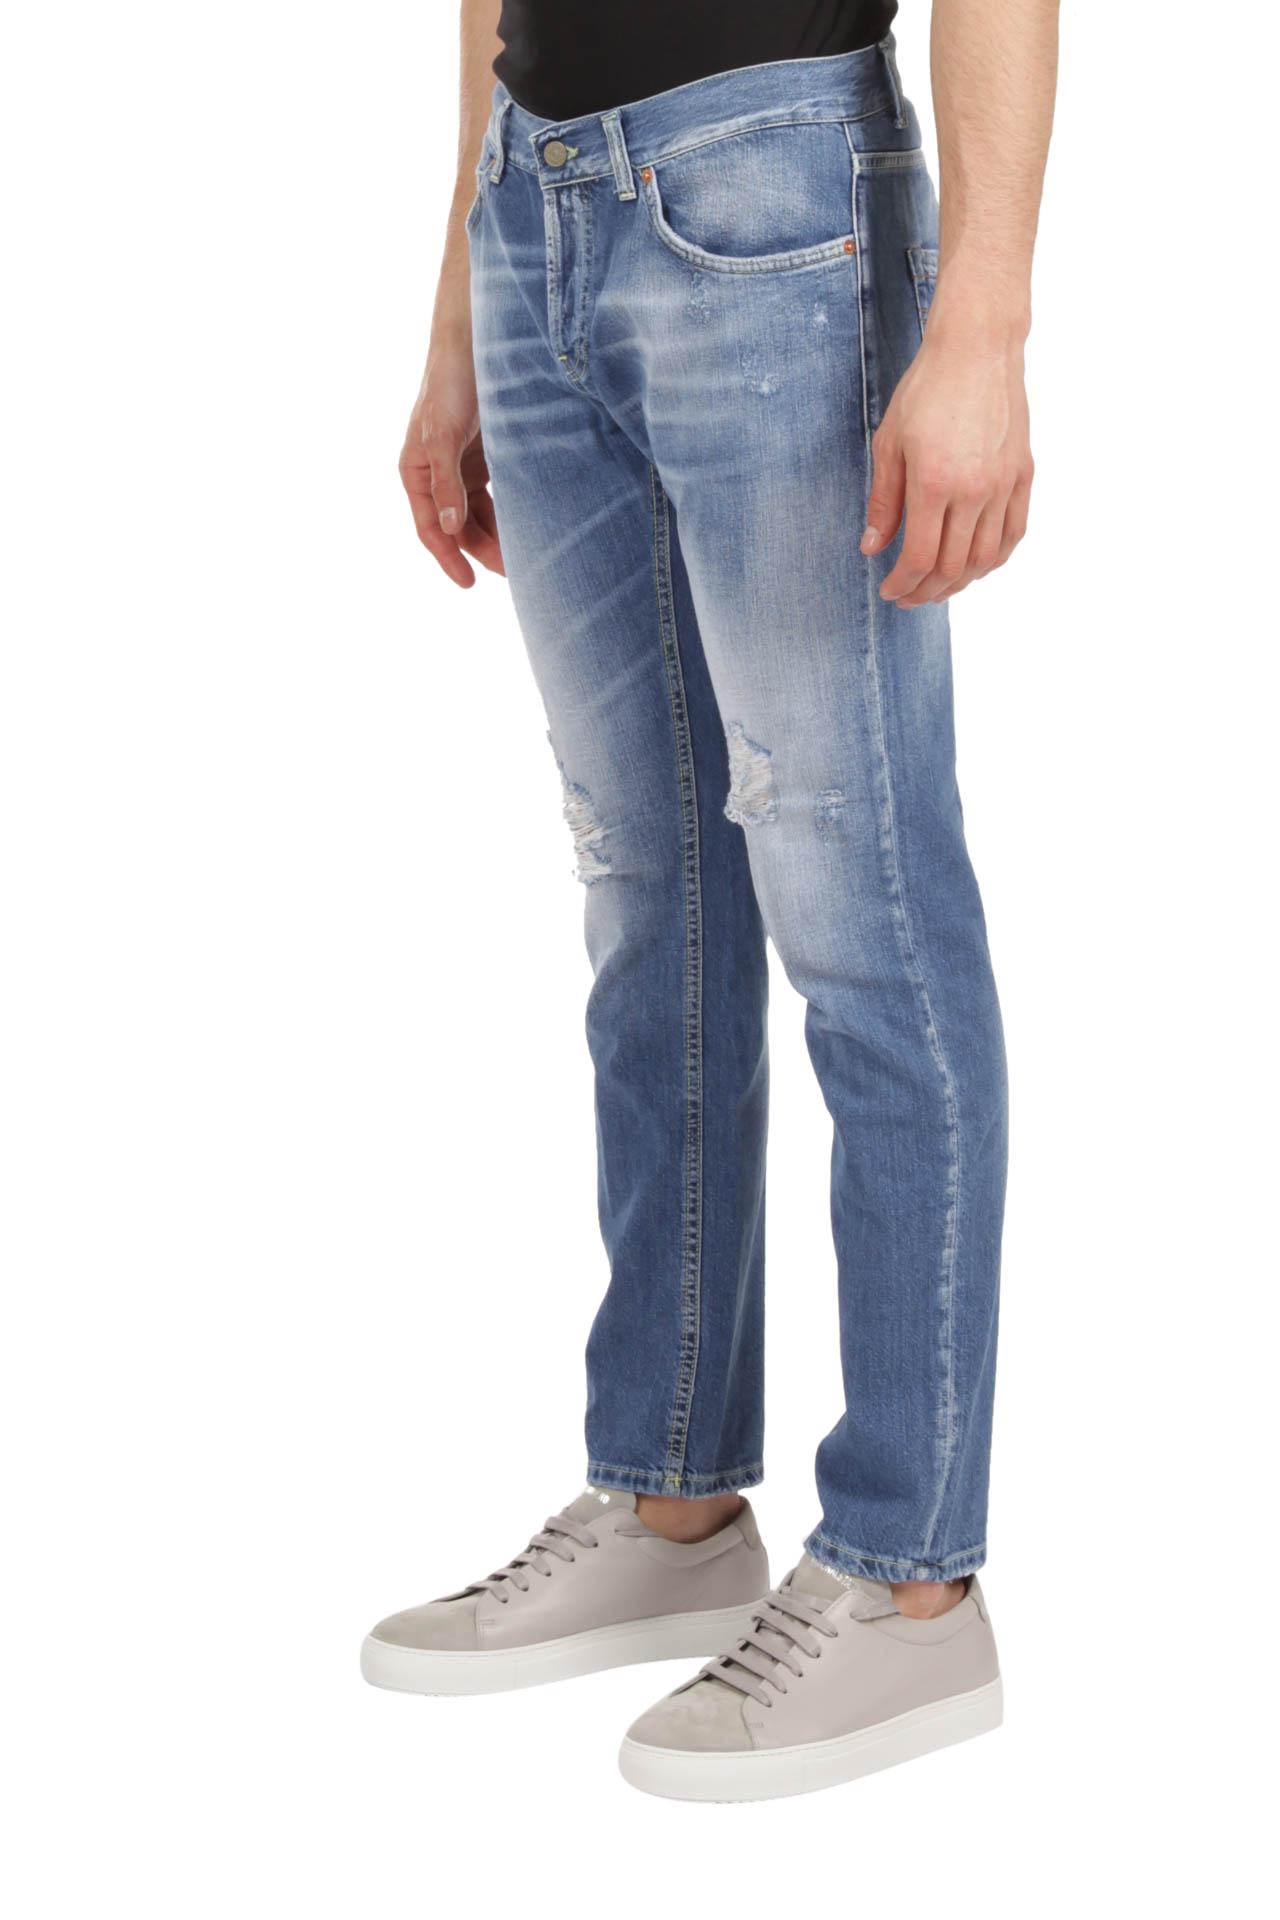 Jeans mius DONDUP | Jeans | UP168 DF0232UBB4 DU 800